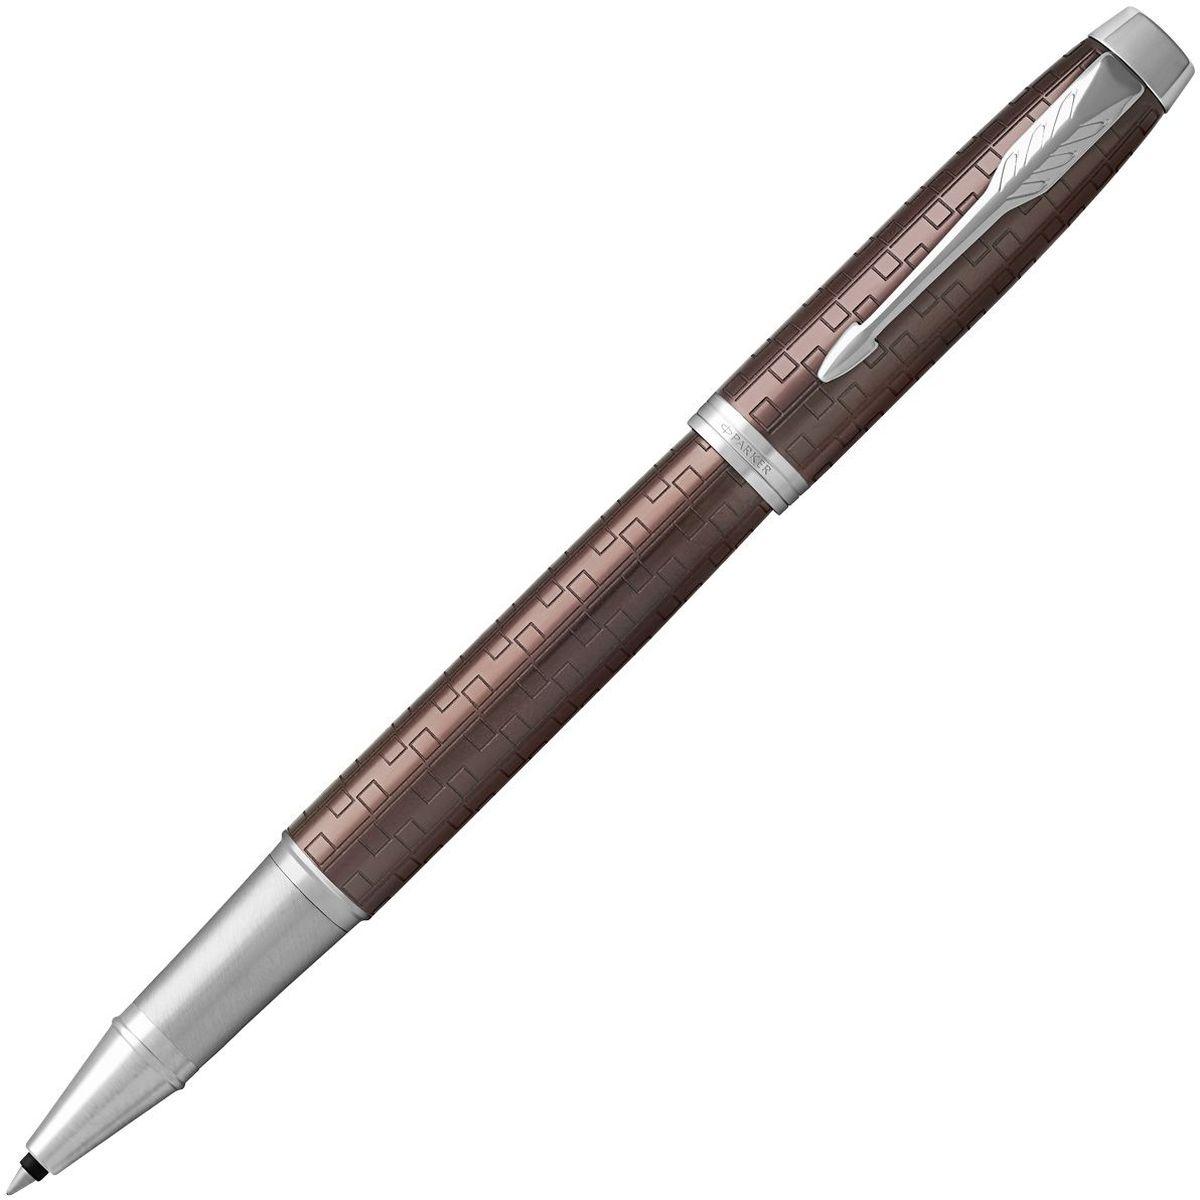 Parker Ручка-роллер IM Premium Brown CT черная